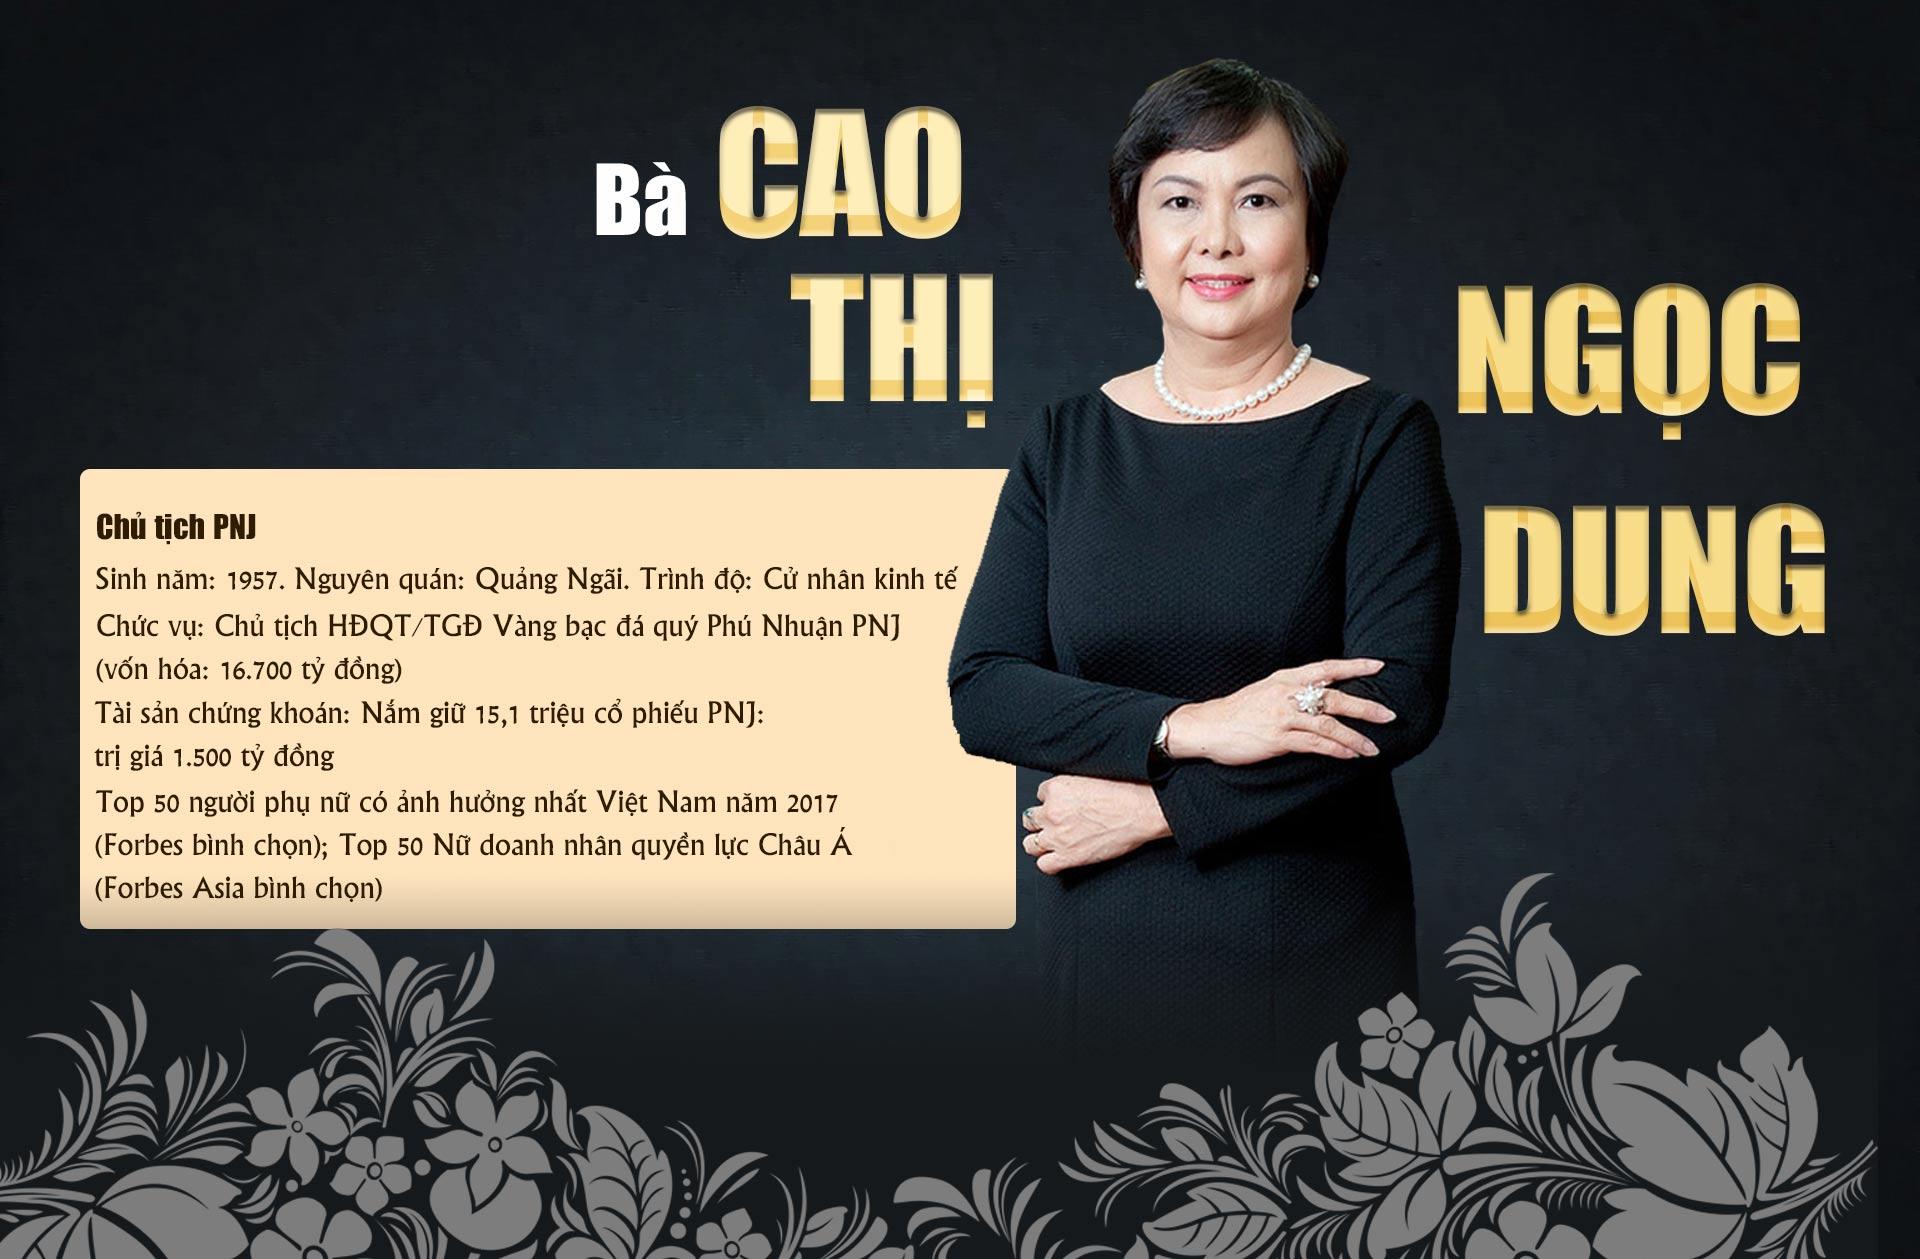 10 phụ nữ Việt gây choáng bởi sự giàu có, giỏi giang và quyền lực - 4